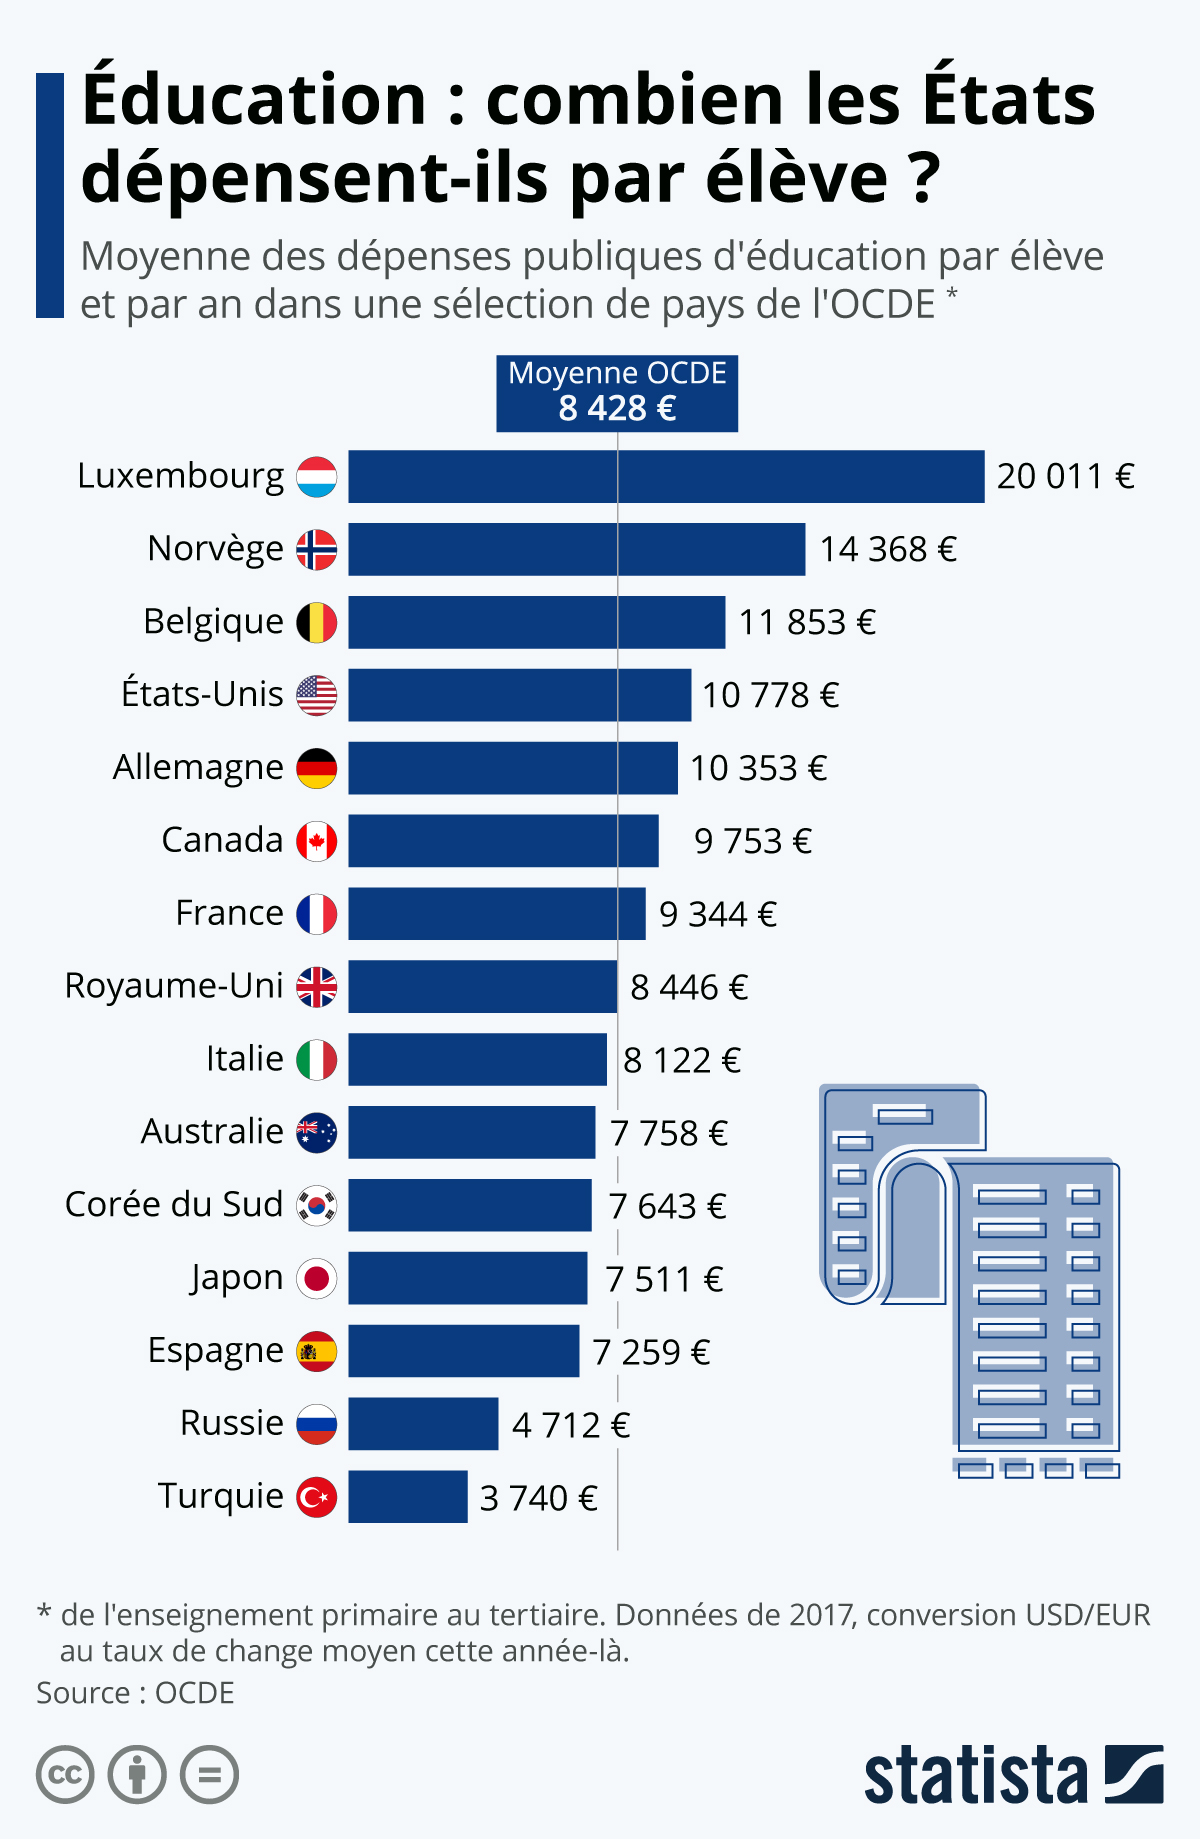 Infographie: Éducation : combien coûte un élève ? | Statista